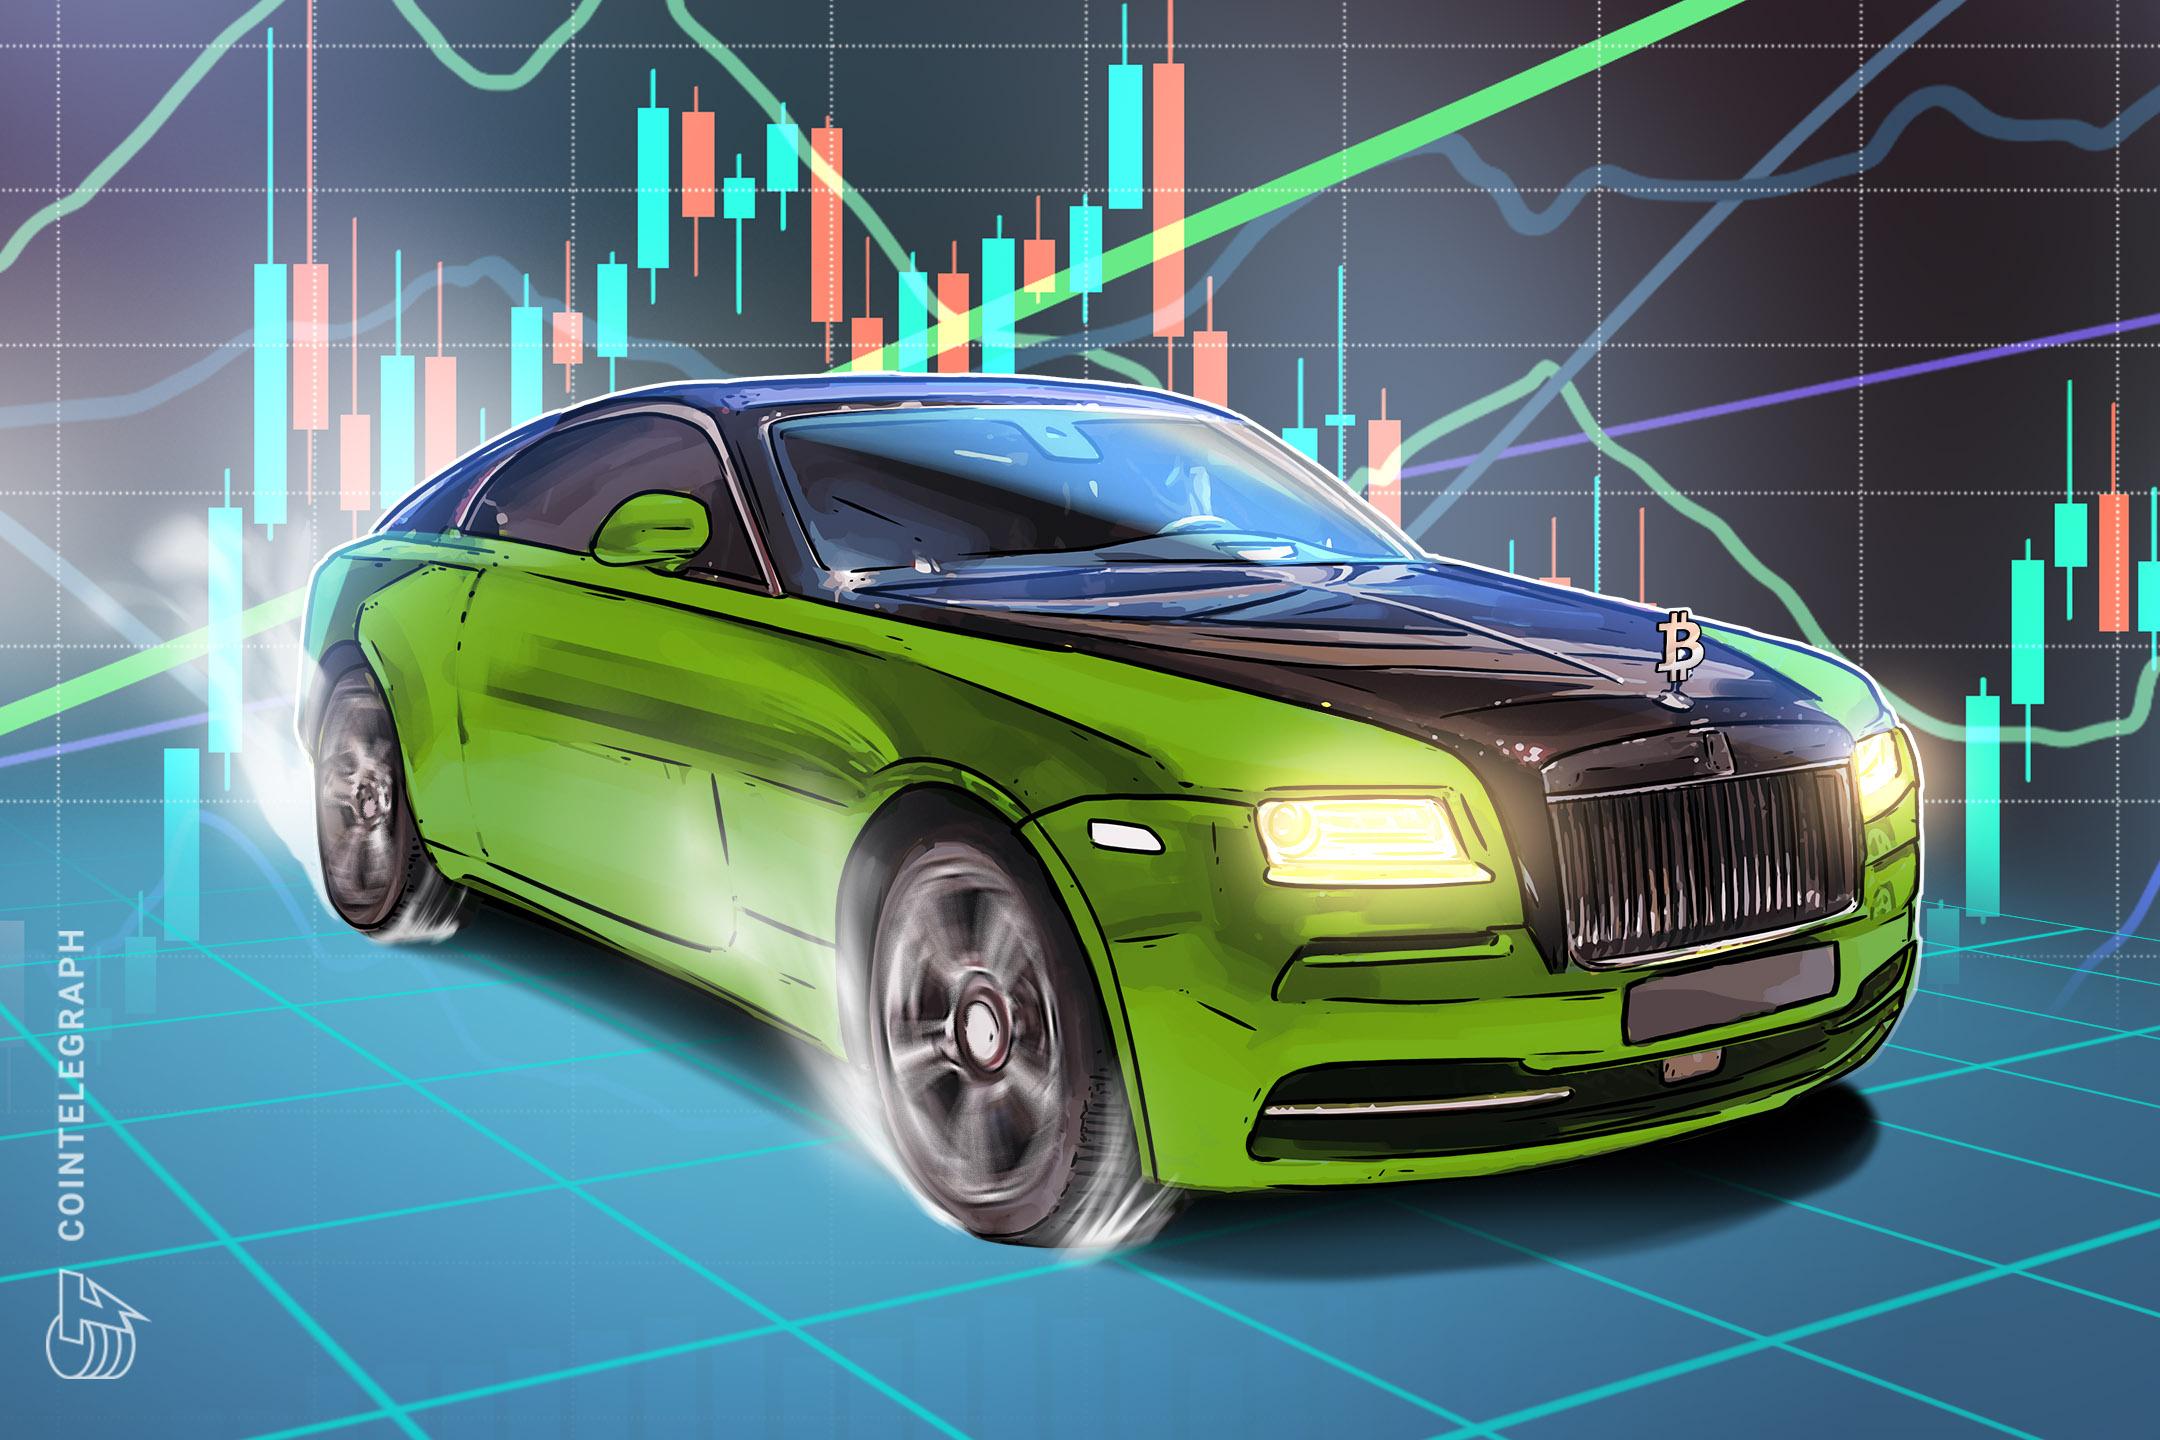 Concesionario de automóviles de lujo de Las Vegas gana pagos con Bitcoin